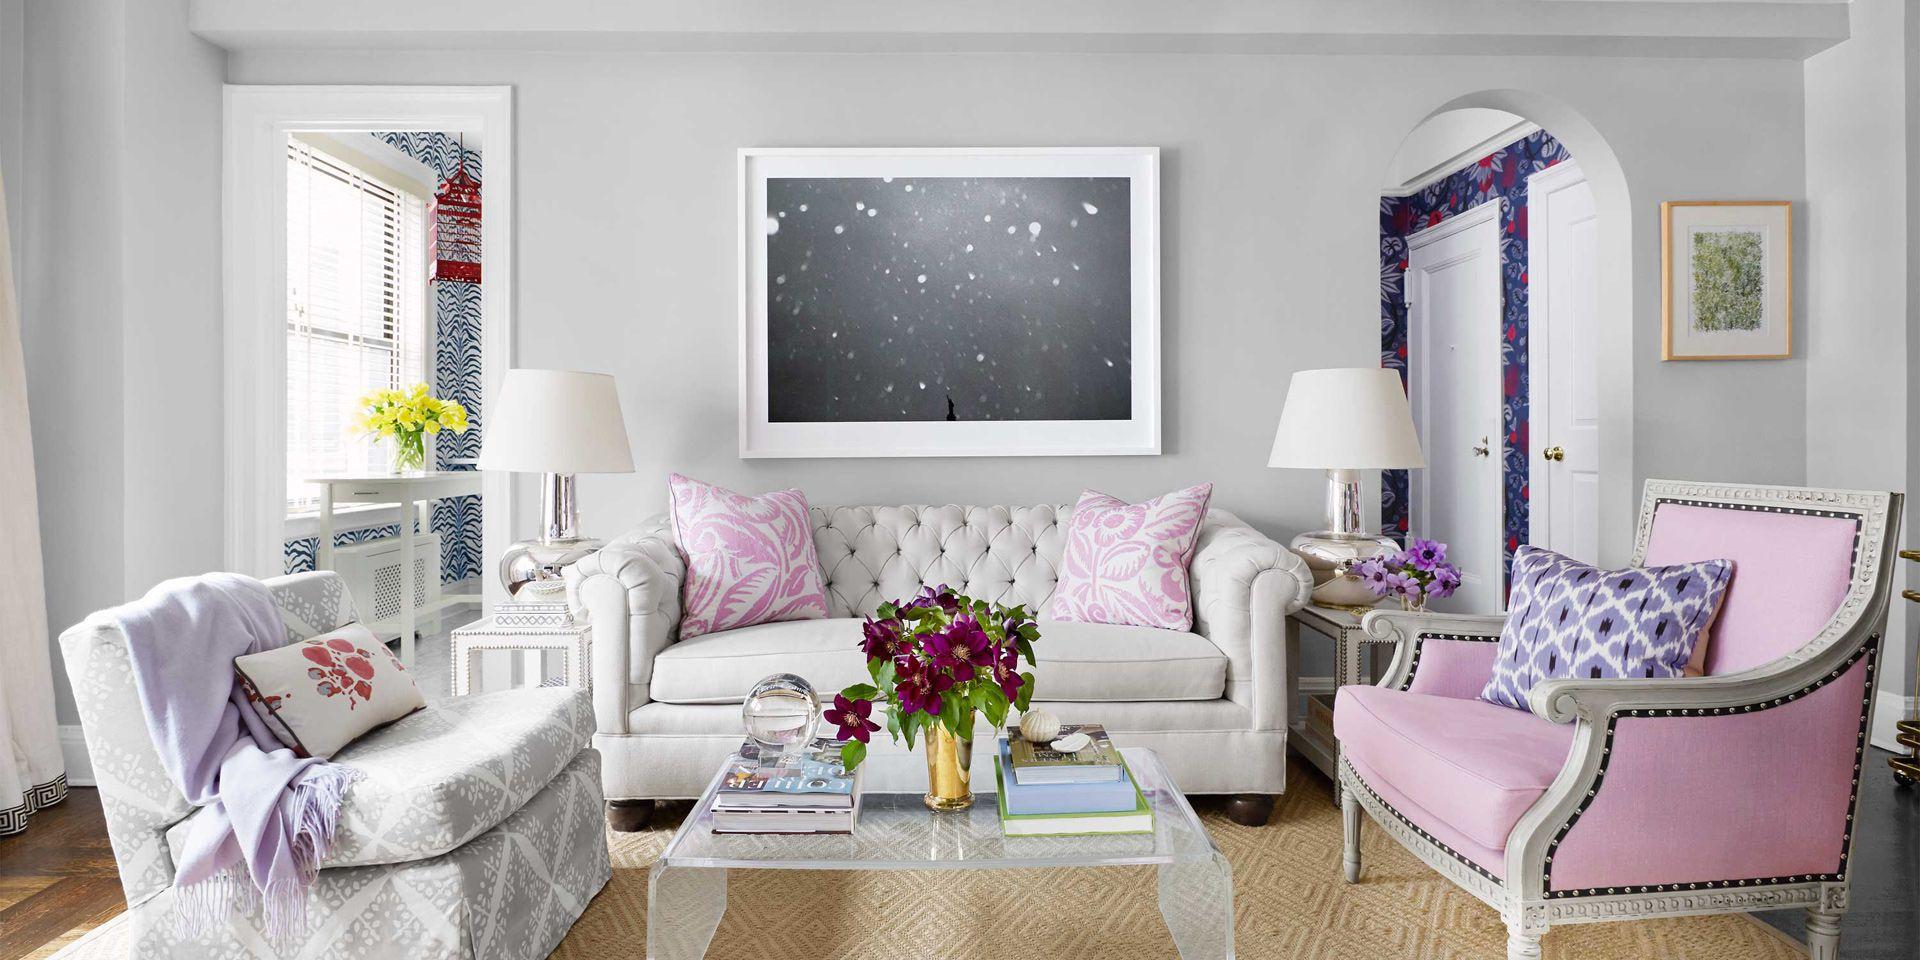 Home design ideas interior decorating.